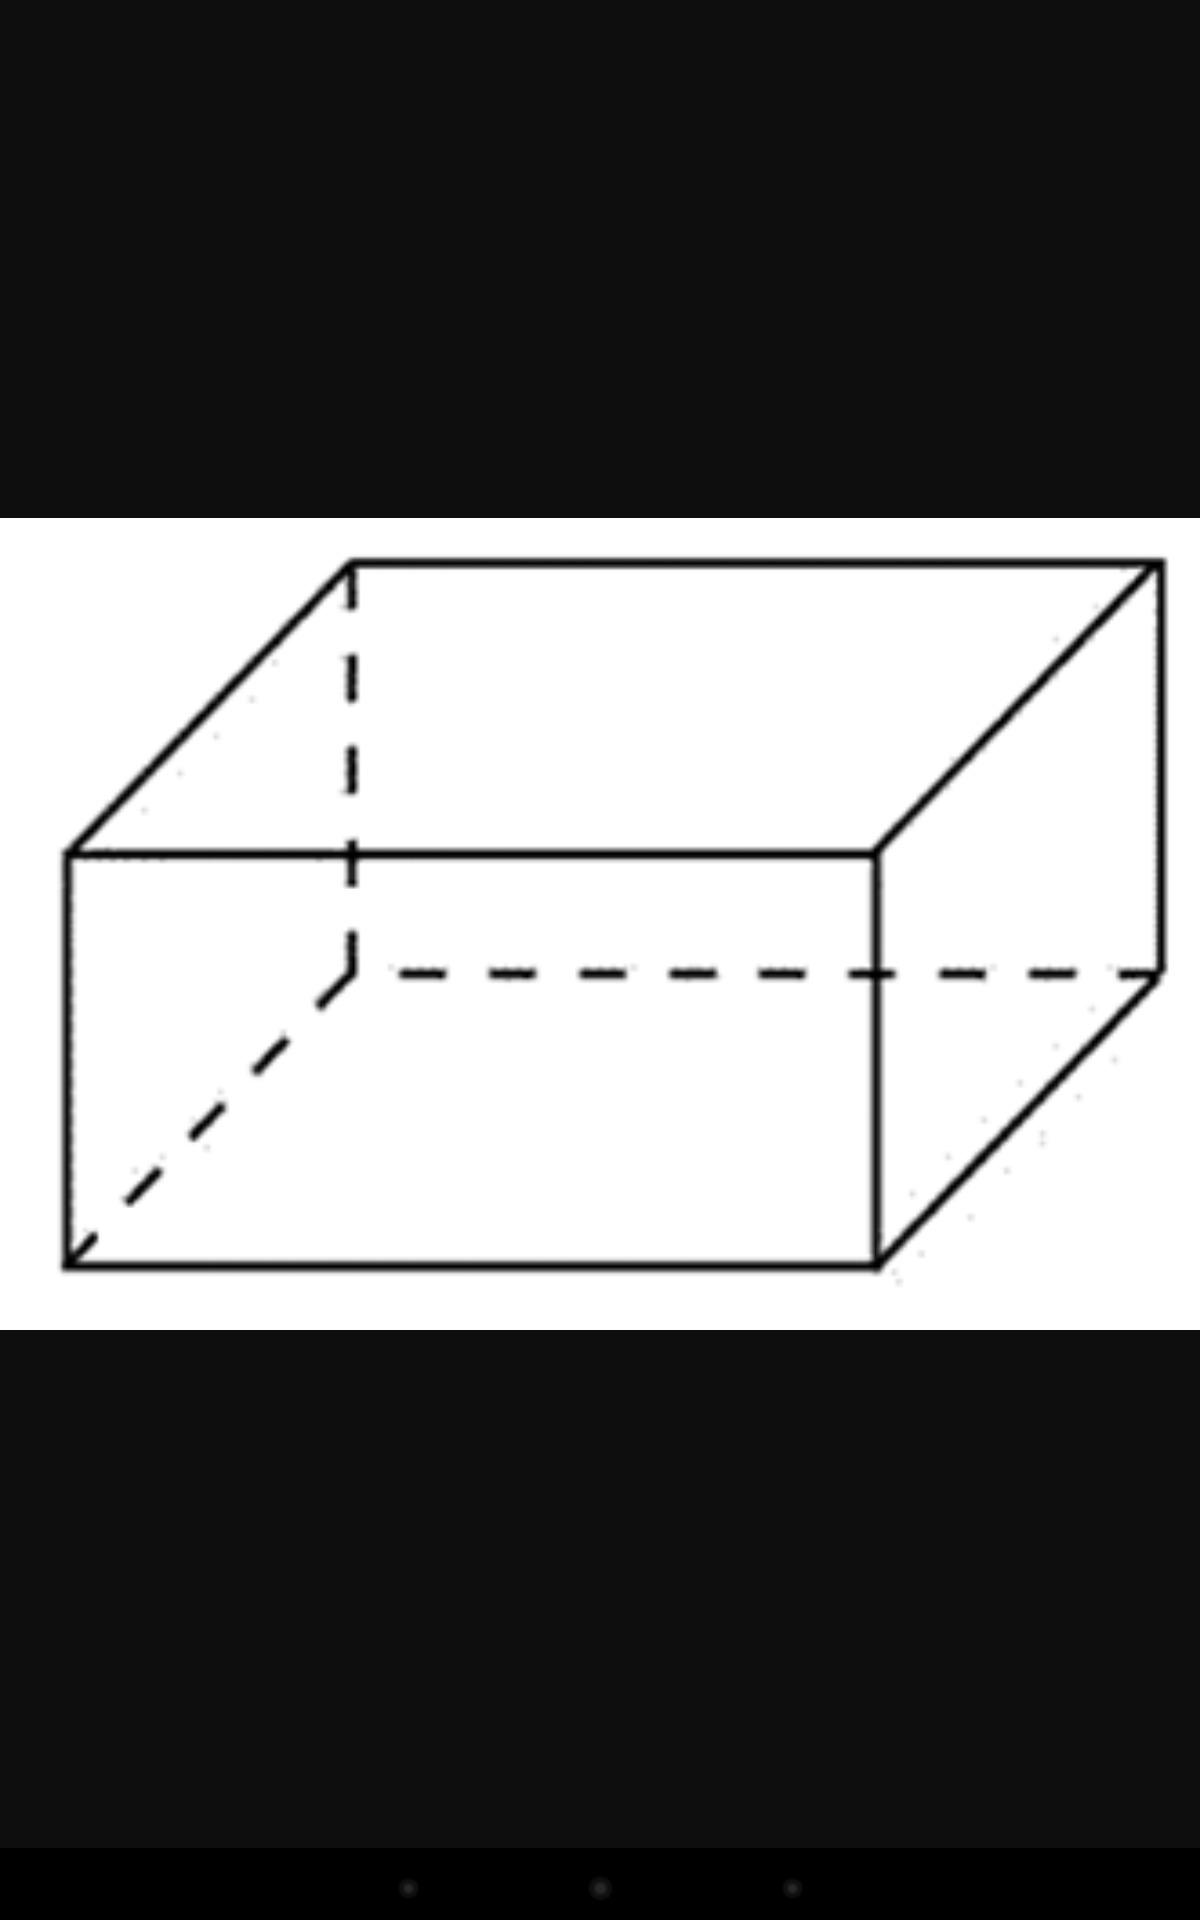 картинки прямоугольный параллелепипед мастичным, кремовым ягодным